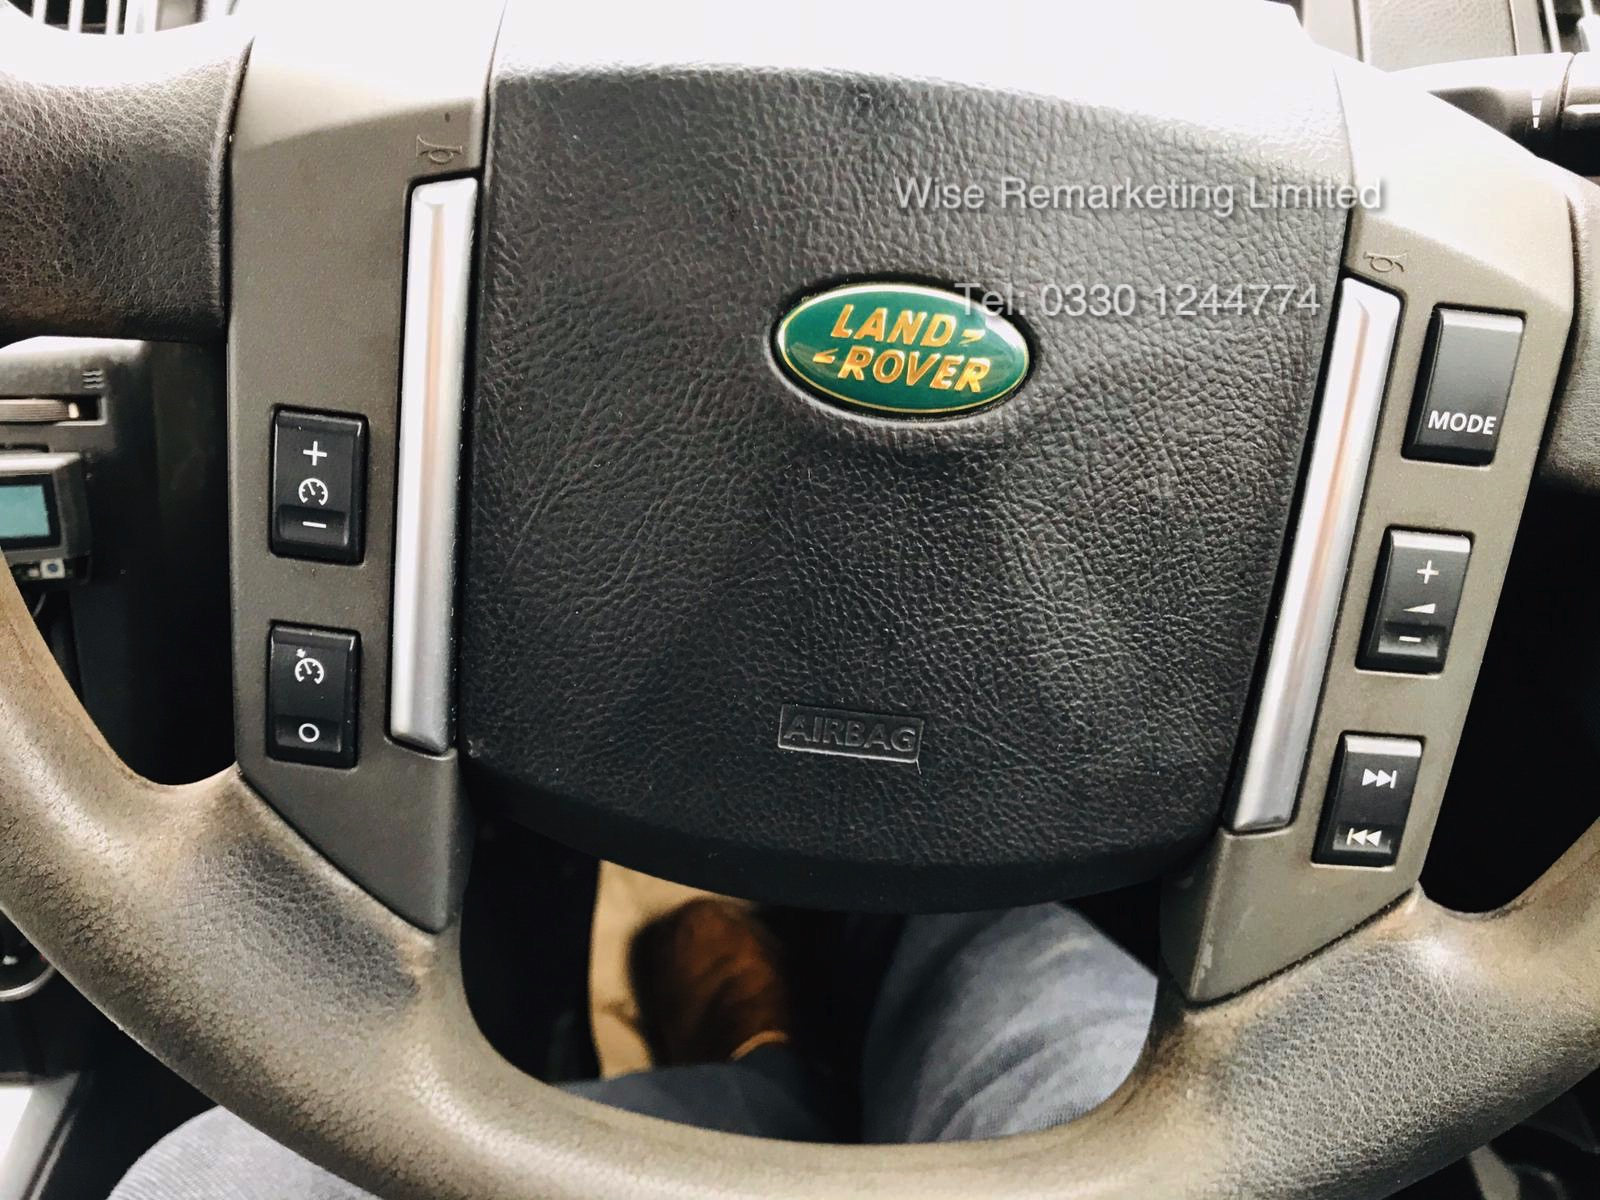 Land Rover Freelander GS 2.2 TD4 Auto - 2009 09 Reg - Service History - Sat Nav - Image 15 of 27